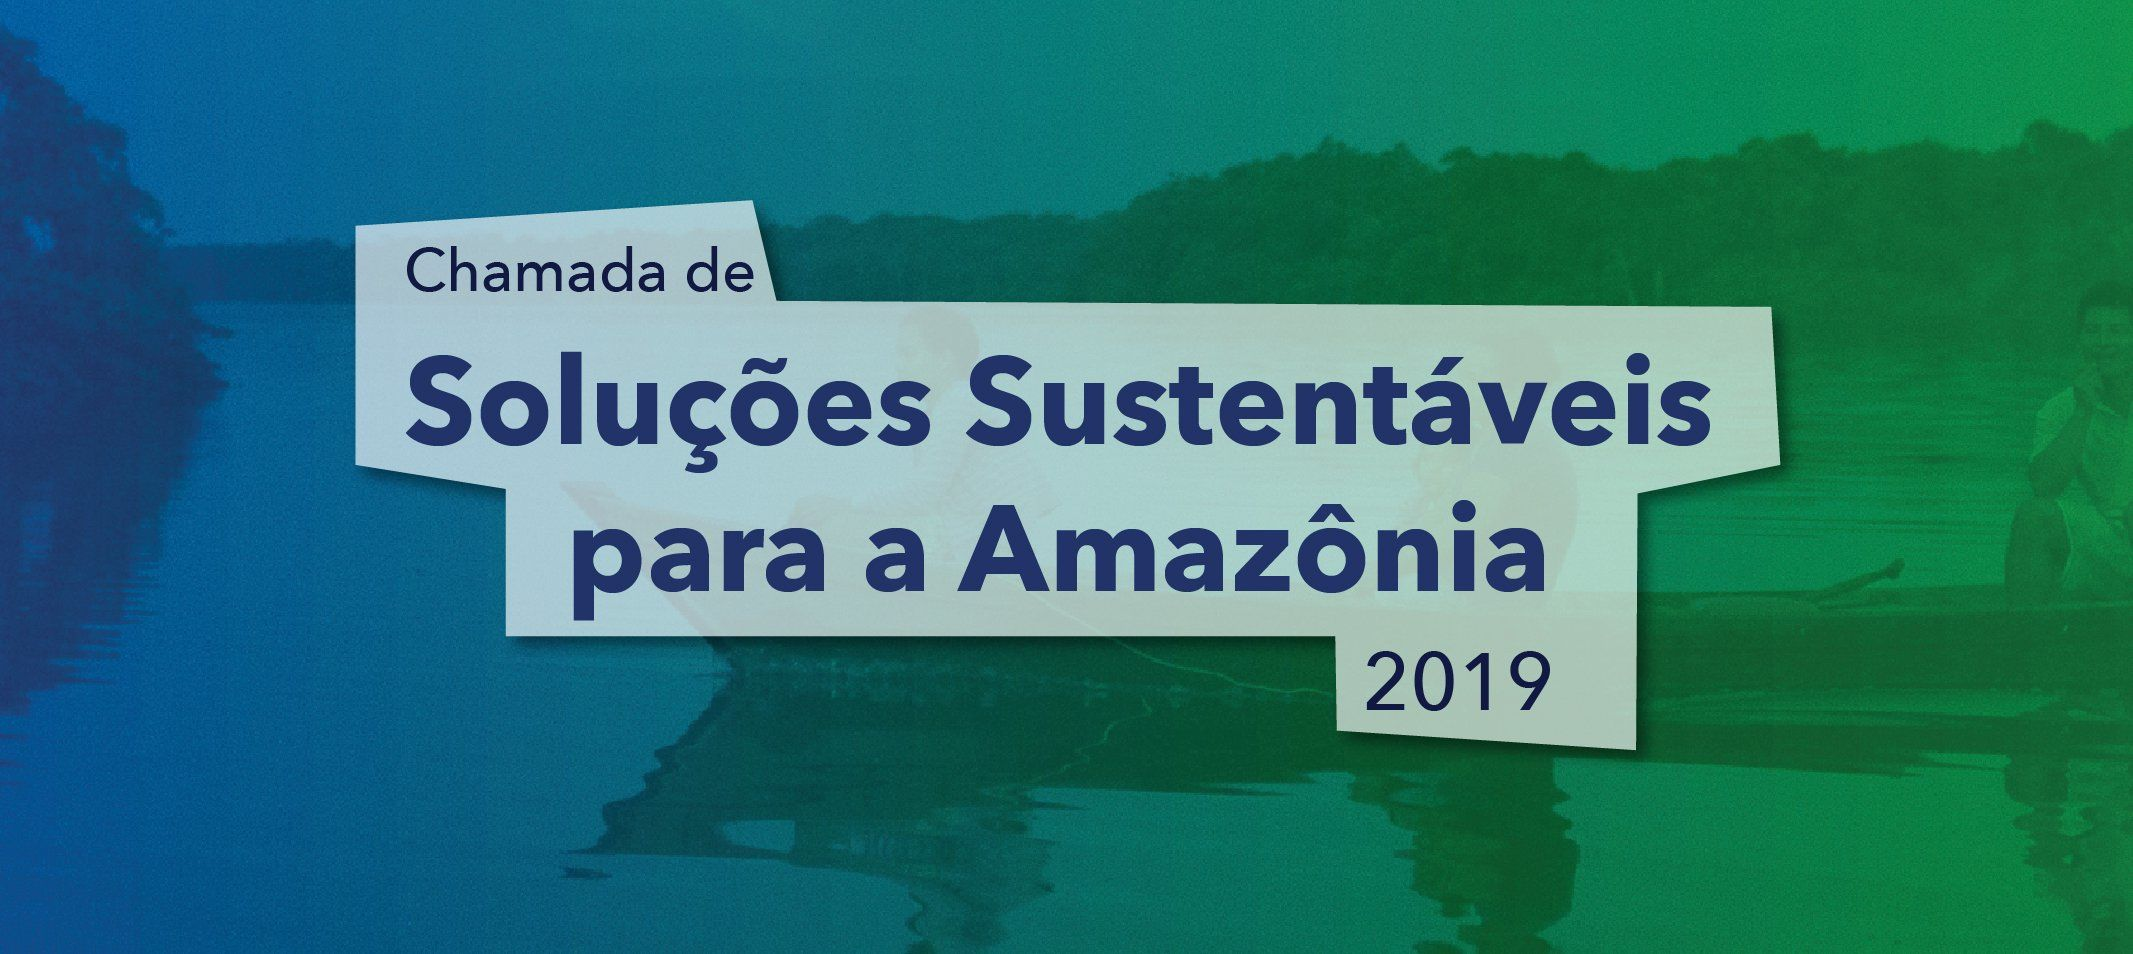 'Soluções Sustentáveis para Amazônia' - inscrições para chamada vão até 19 de novembro